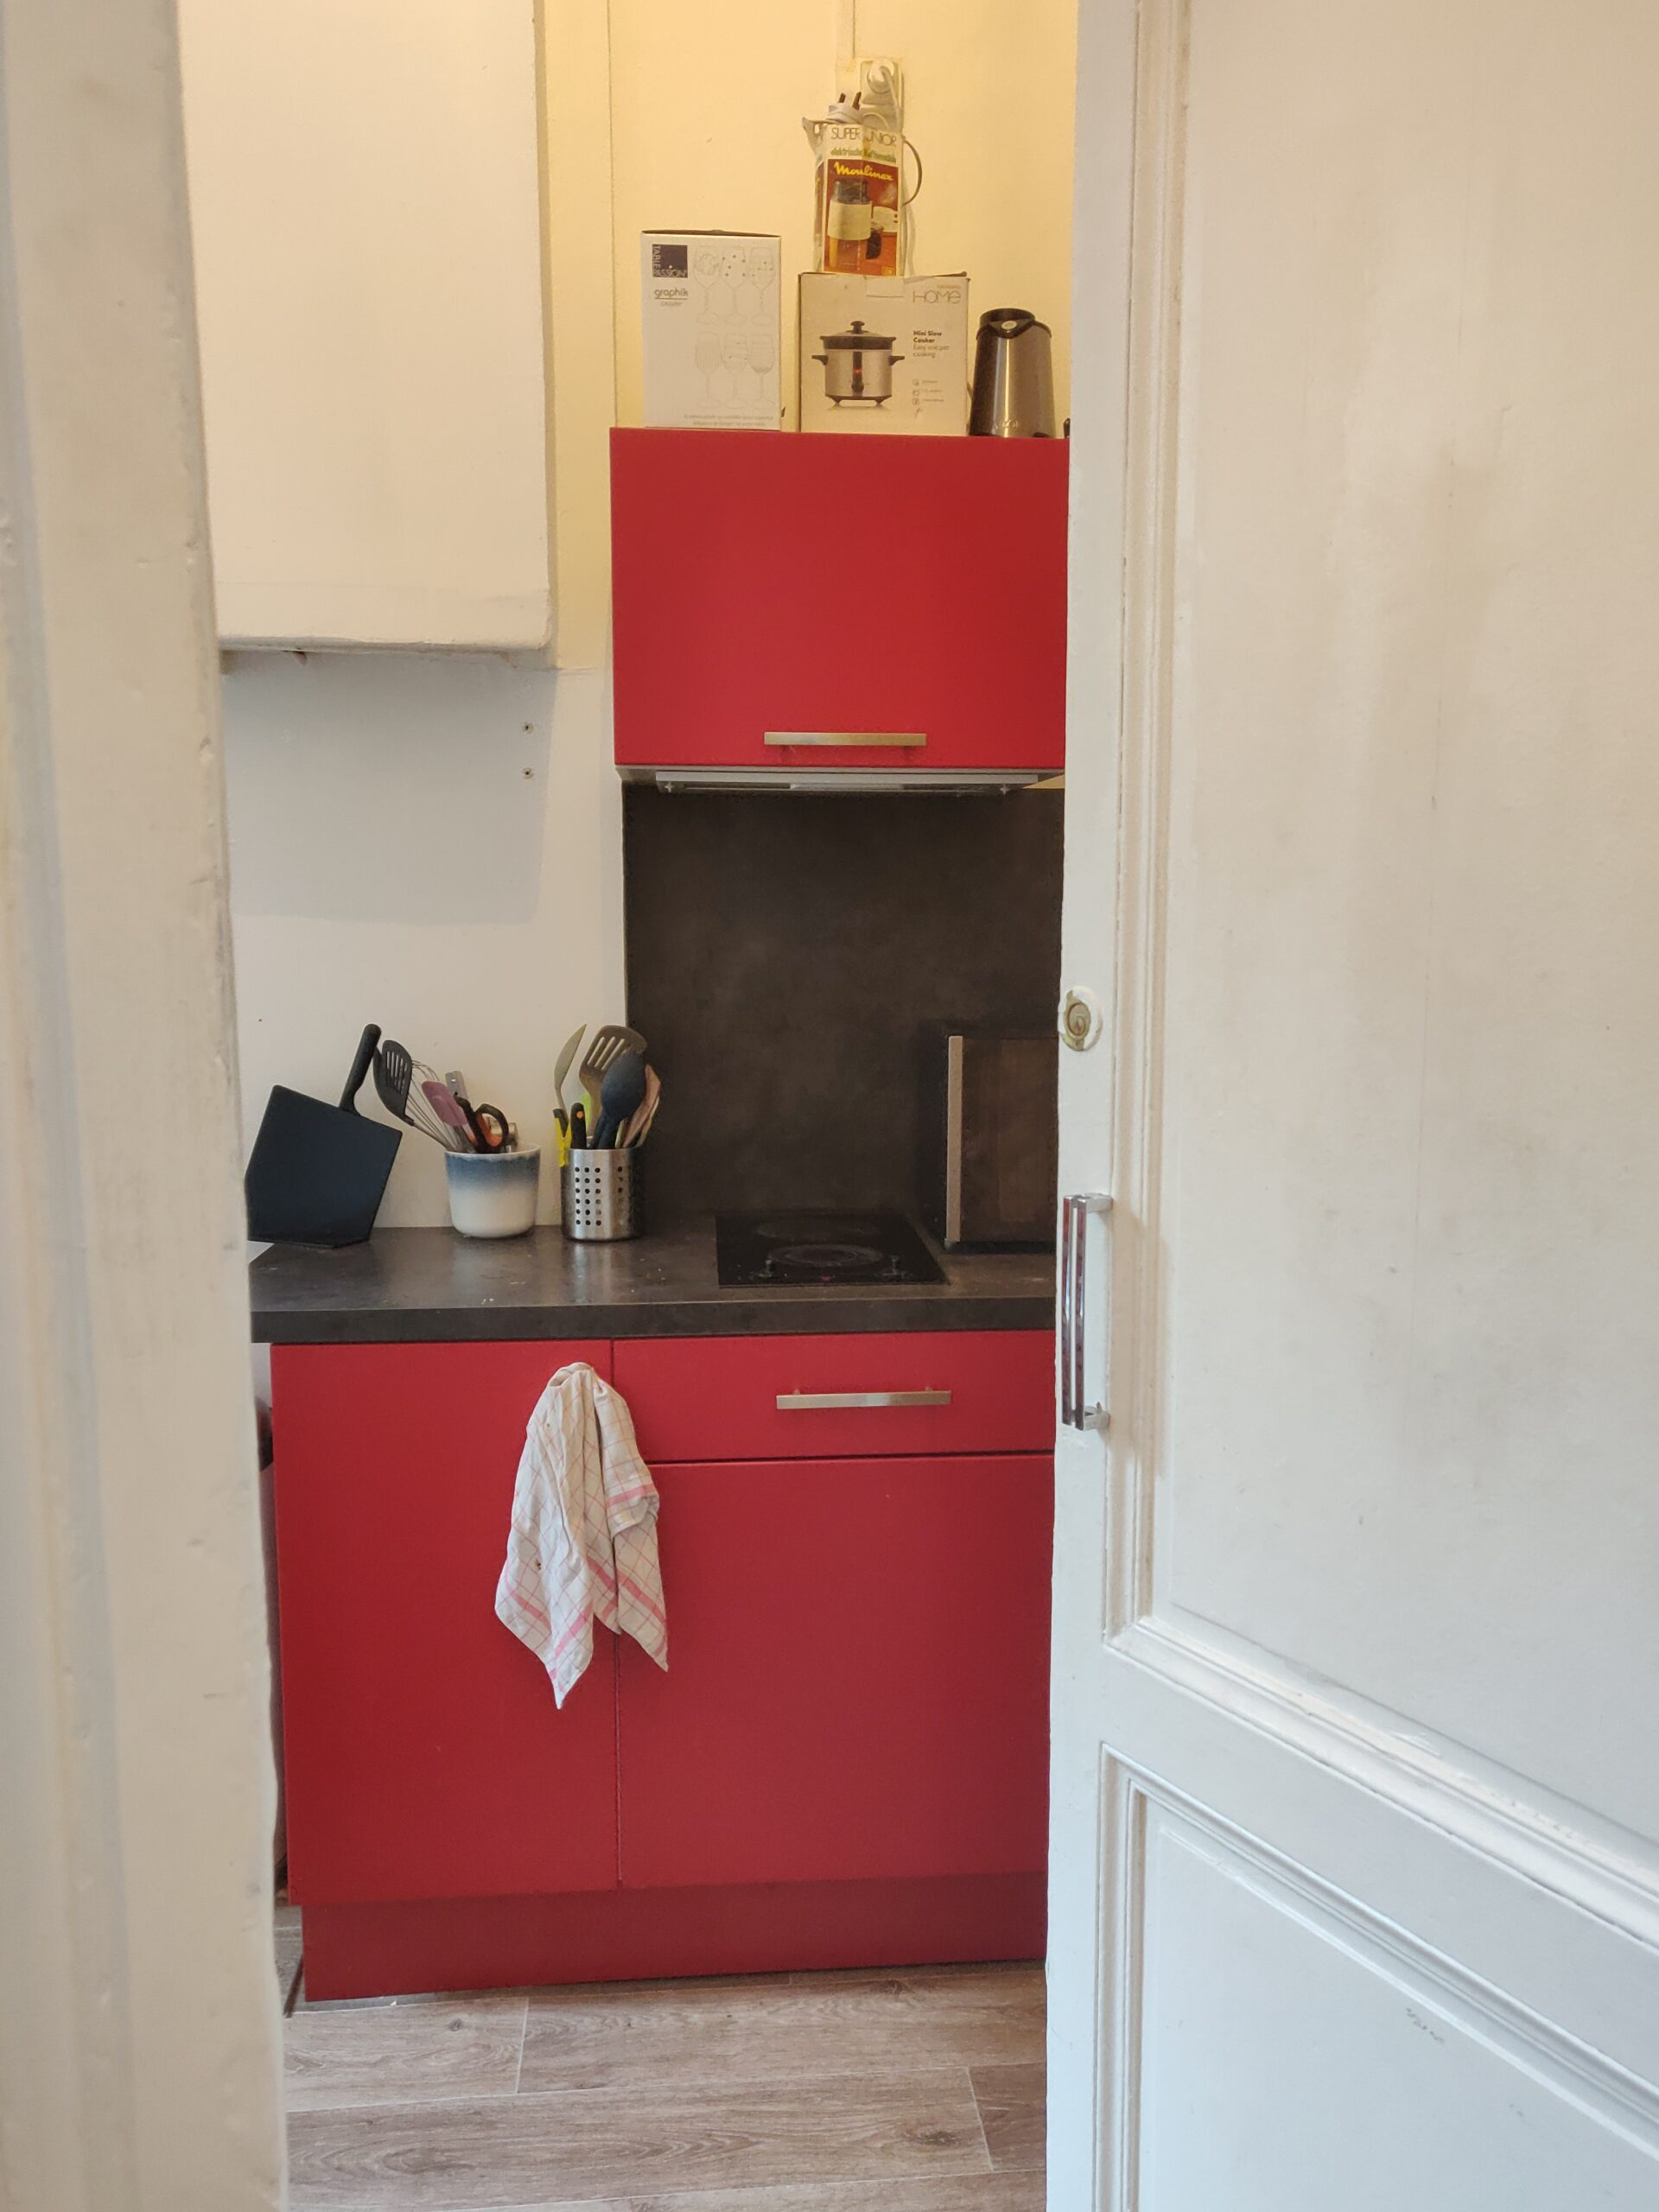 Photo d'une cuisine. On voit la porte blanche entrouverte. Des meubles rouges sont visibles au centre de la photo. Un torchon est accroché sur une poignée de porte. Des ustensiles de cuisine et un micro-ondes sont visibles sur le plan de travail.